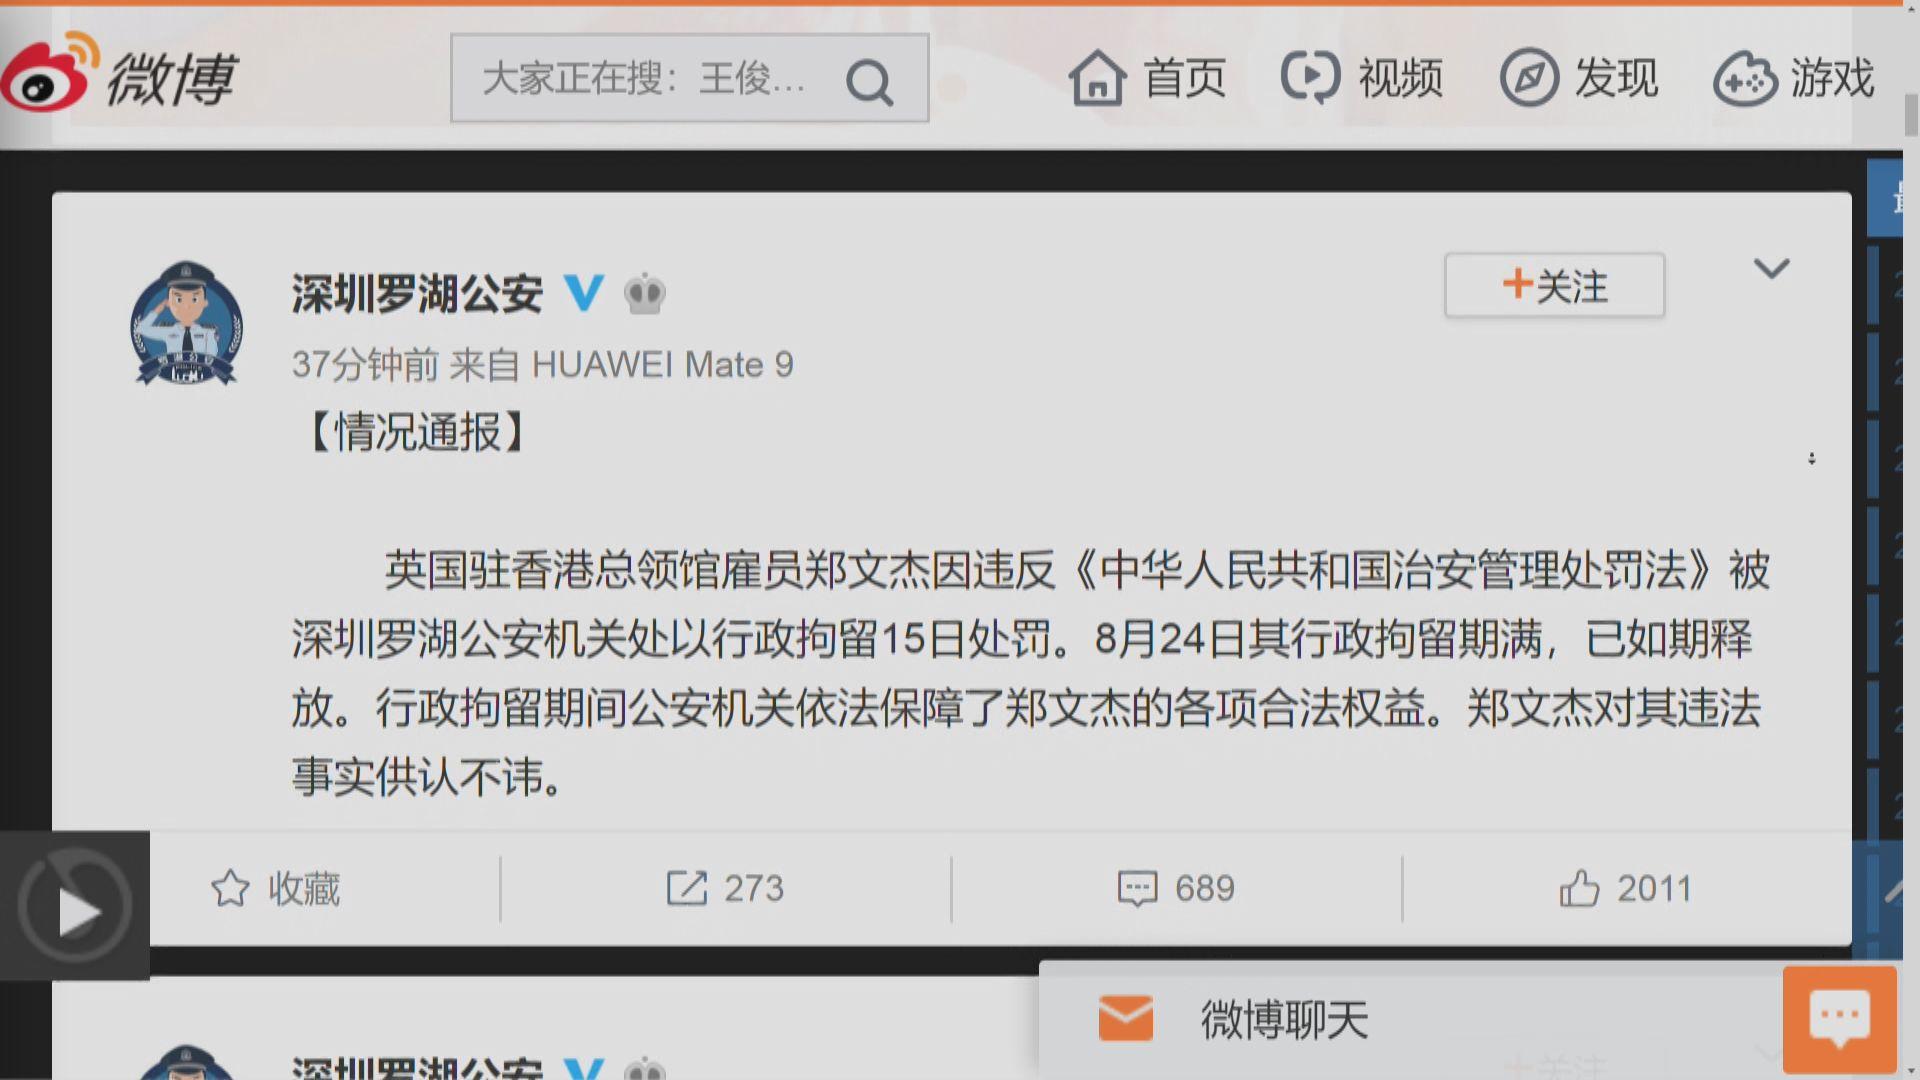 鄭文傑已回港 公安指他承認違法